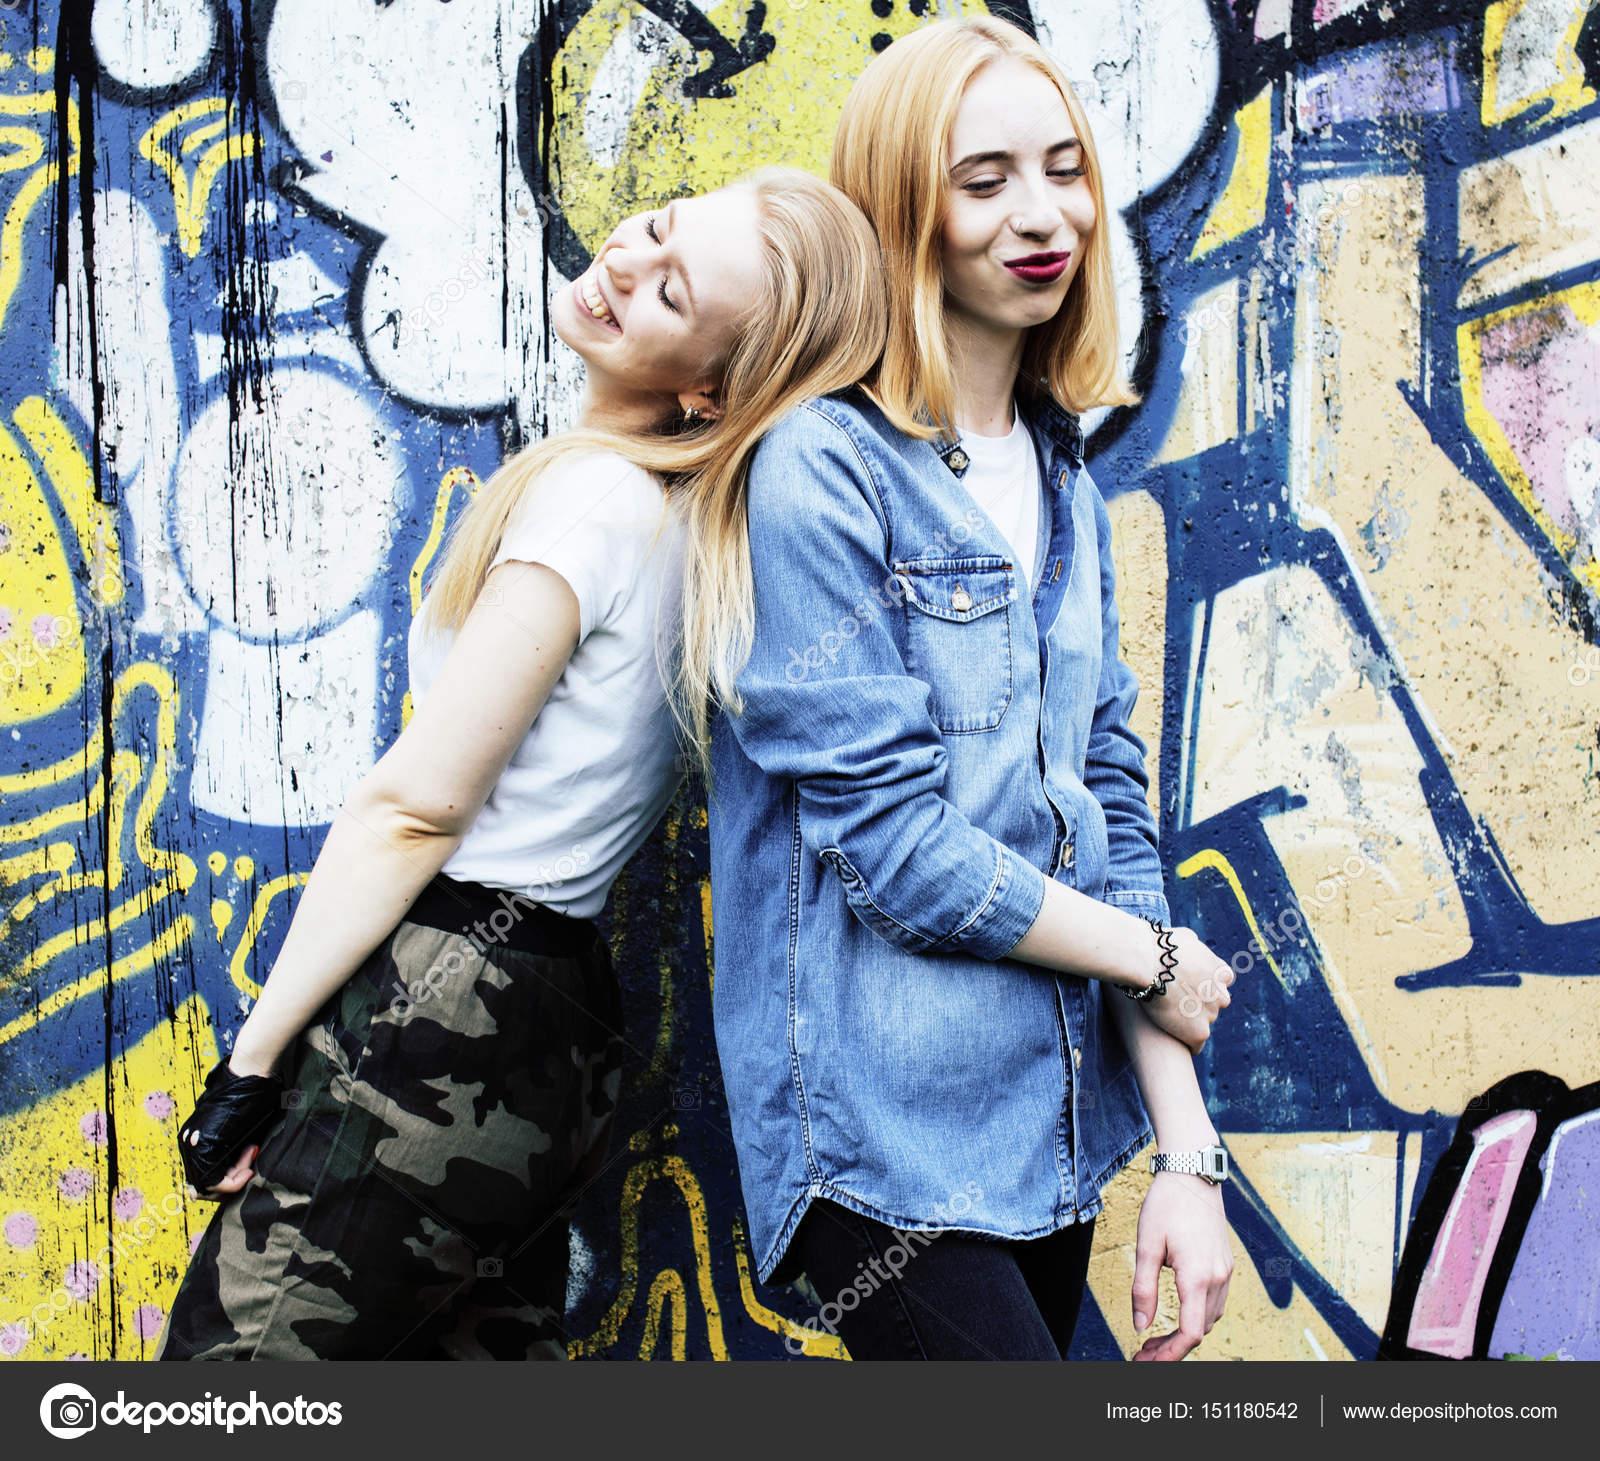 Zwei Coole Blonde Realgirls Freunde Machen Selfie Auf Dach Lif